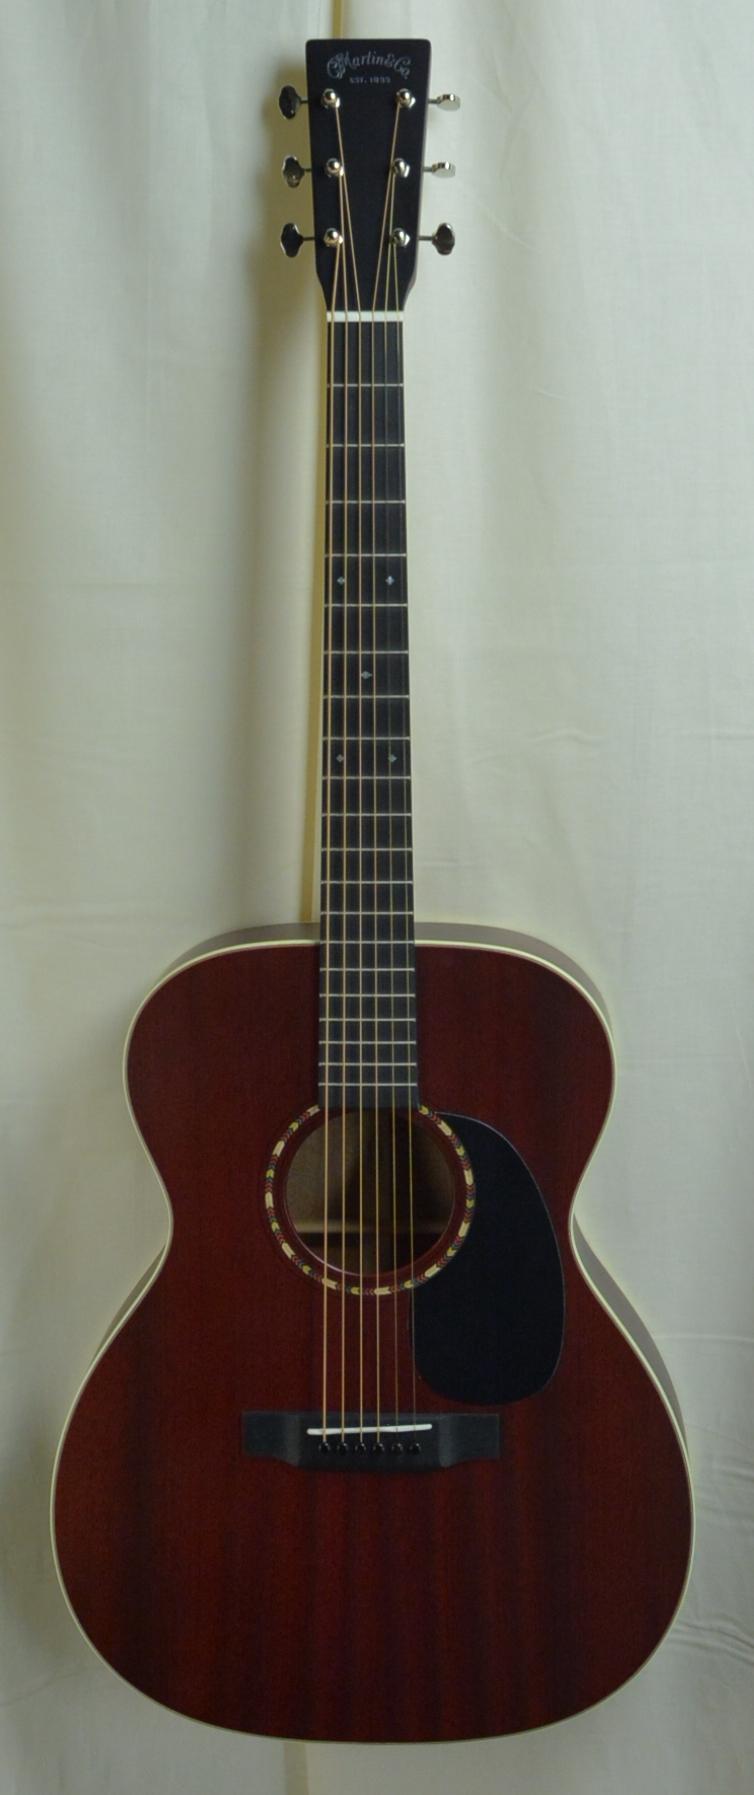 Q-2700324 S-1956643 000-15 Sipo Cherry stain (1).JPG